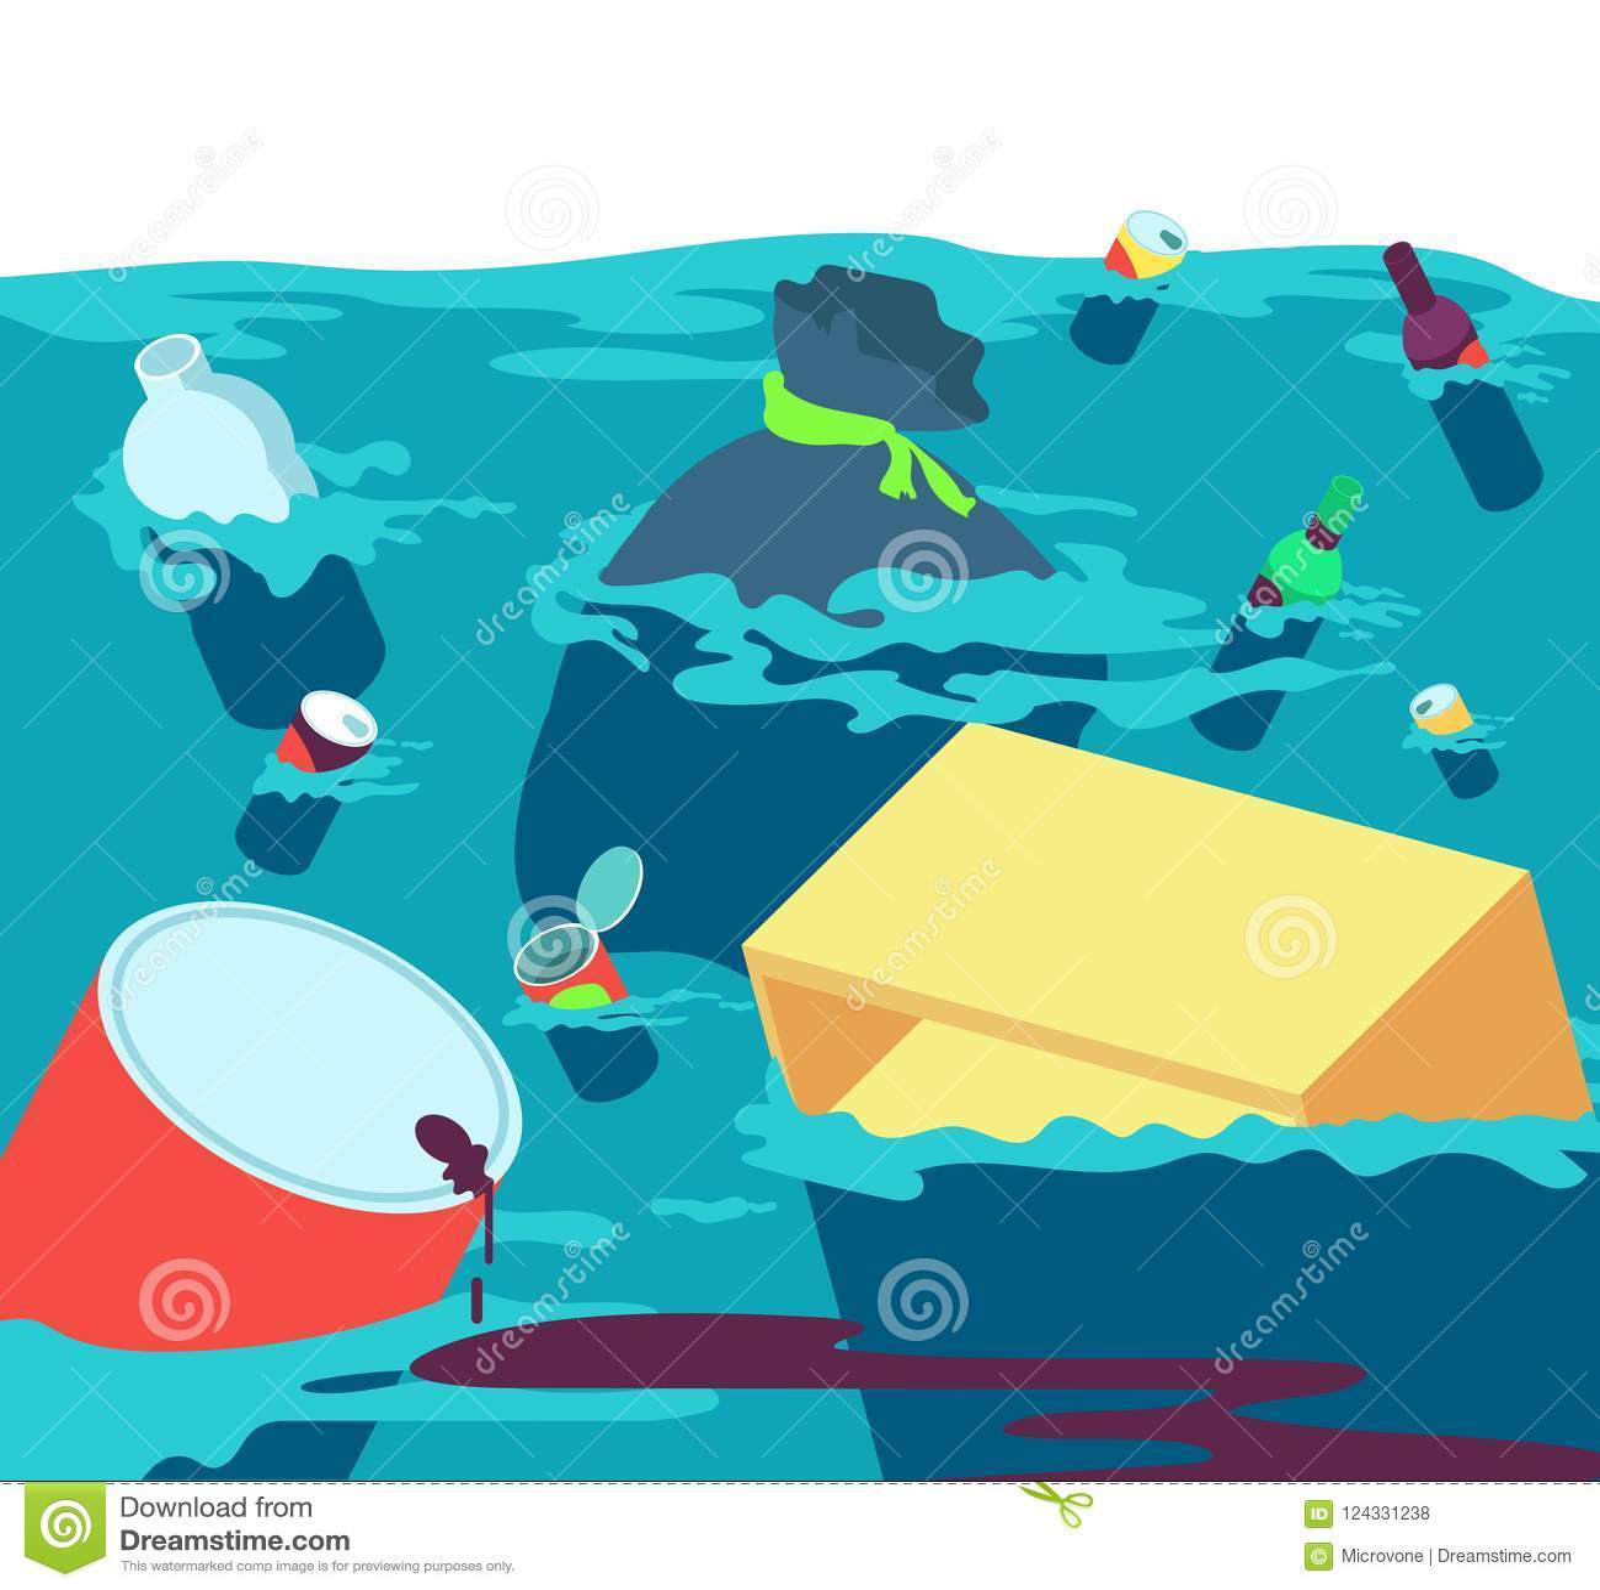 Verschmutztes Wasser Schmutziger Fluss der Fische mit Abfall und Plastik Frischwasserverschmutzungsvektorkonzept